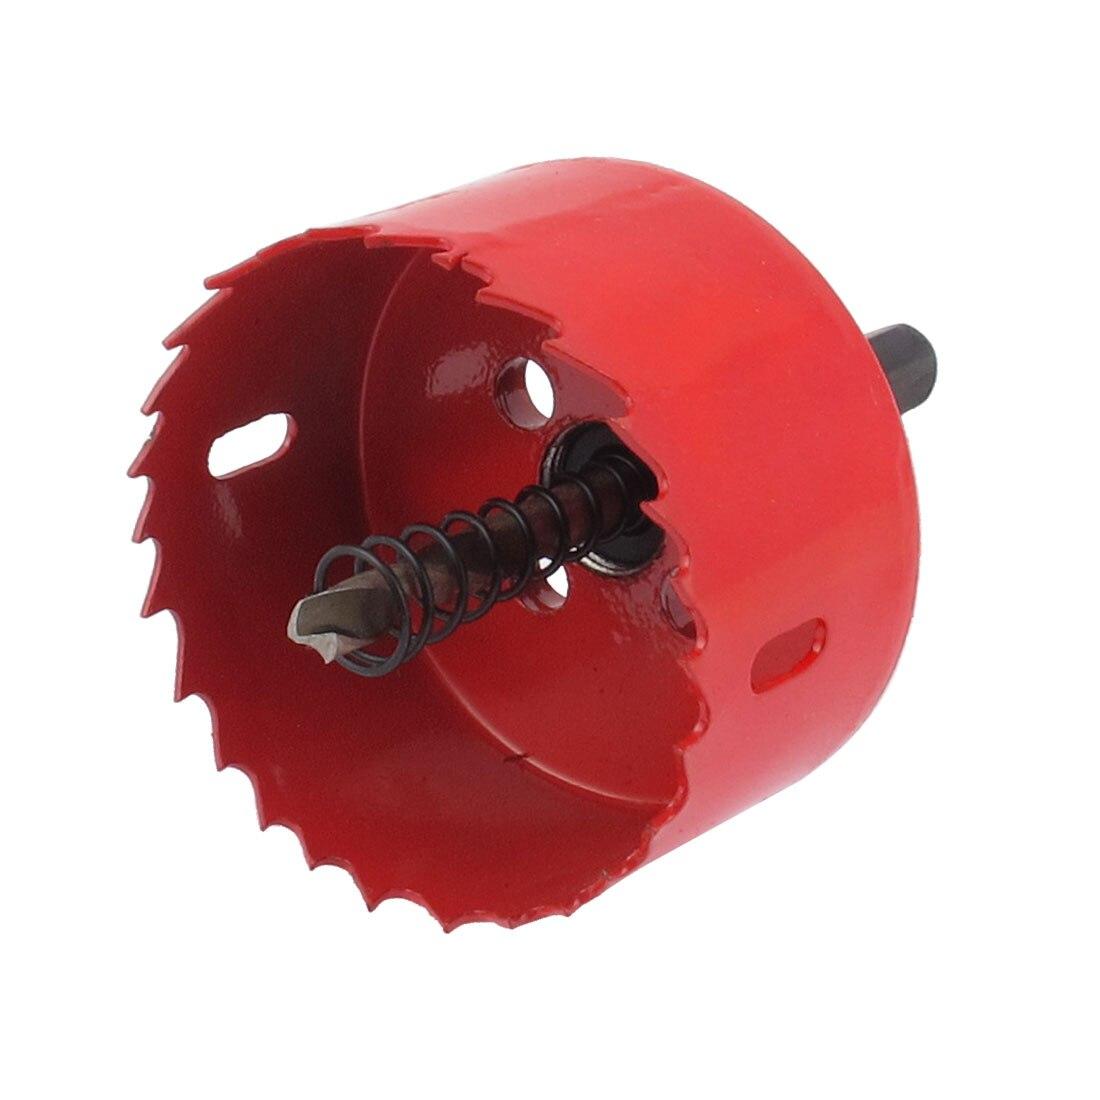 UXCELL Aluminum Wood Iron Bi-Metal Hss 65Mm Dia Hole Saw Twisted Drill Bit Cutter Tool<br><br>Aliexpress